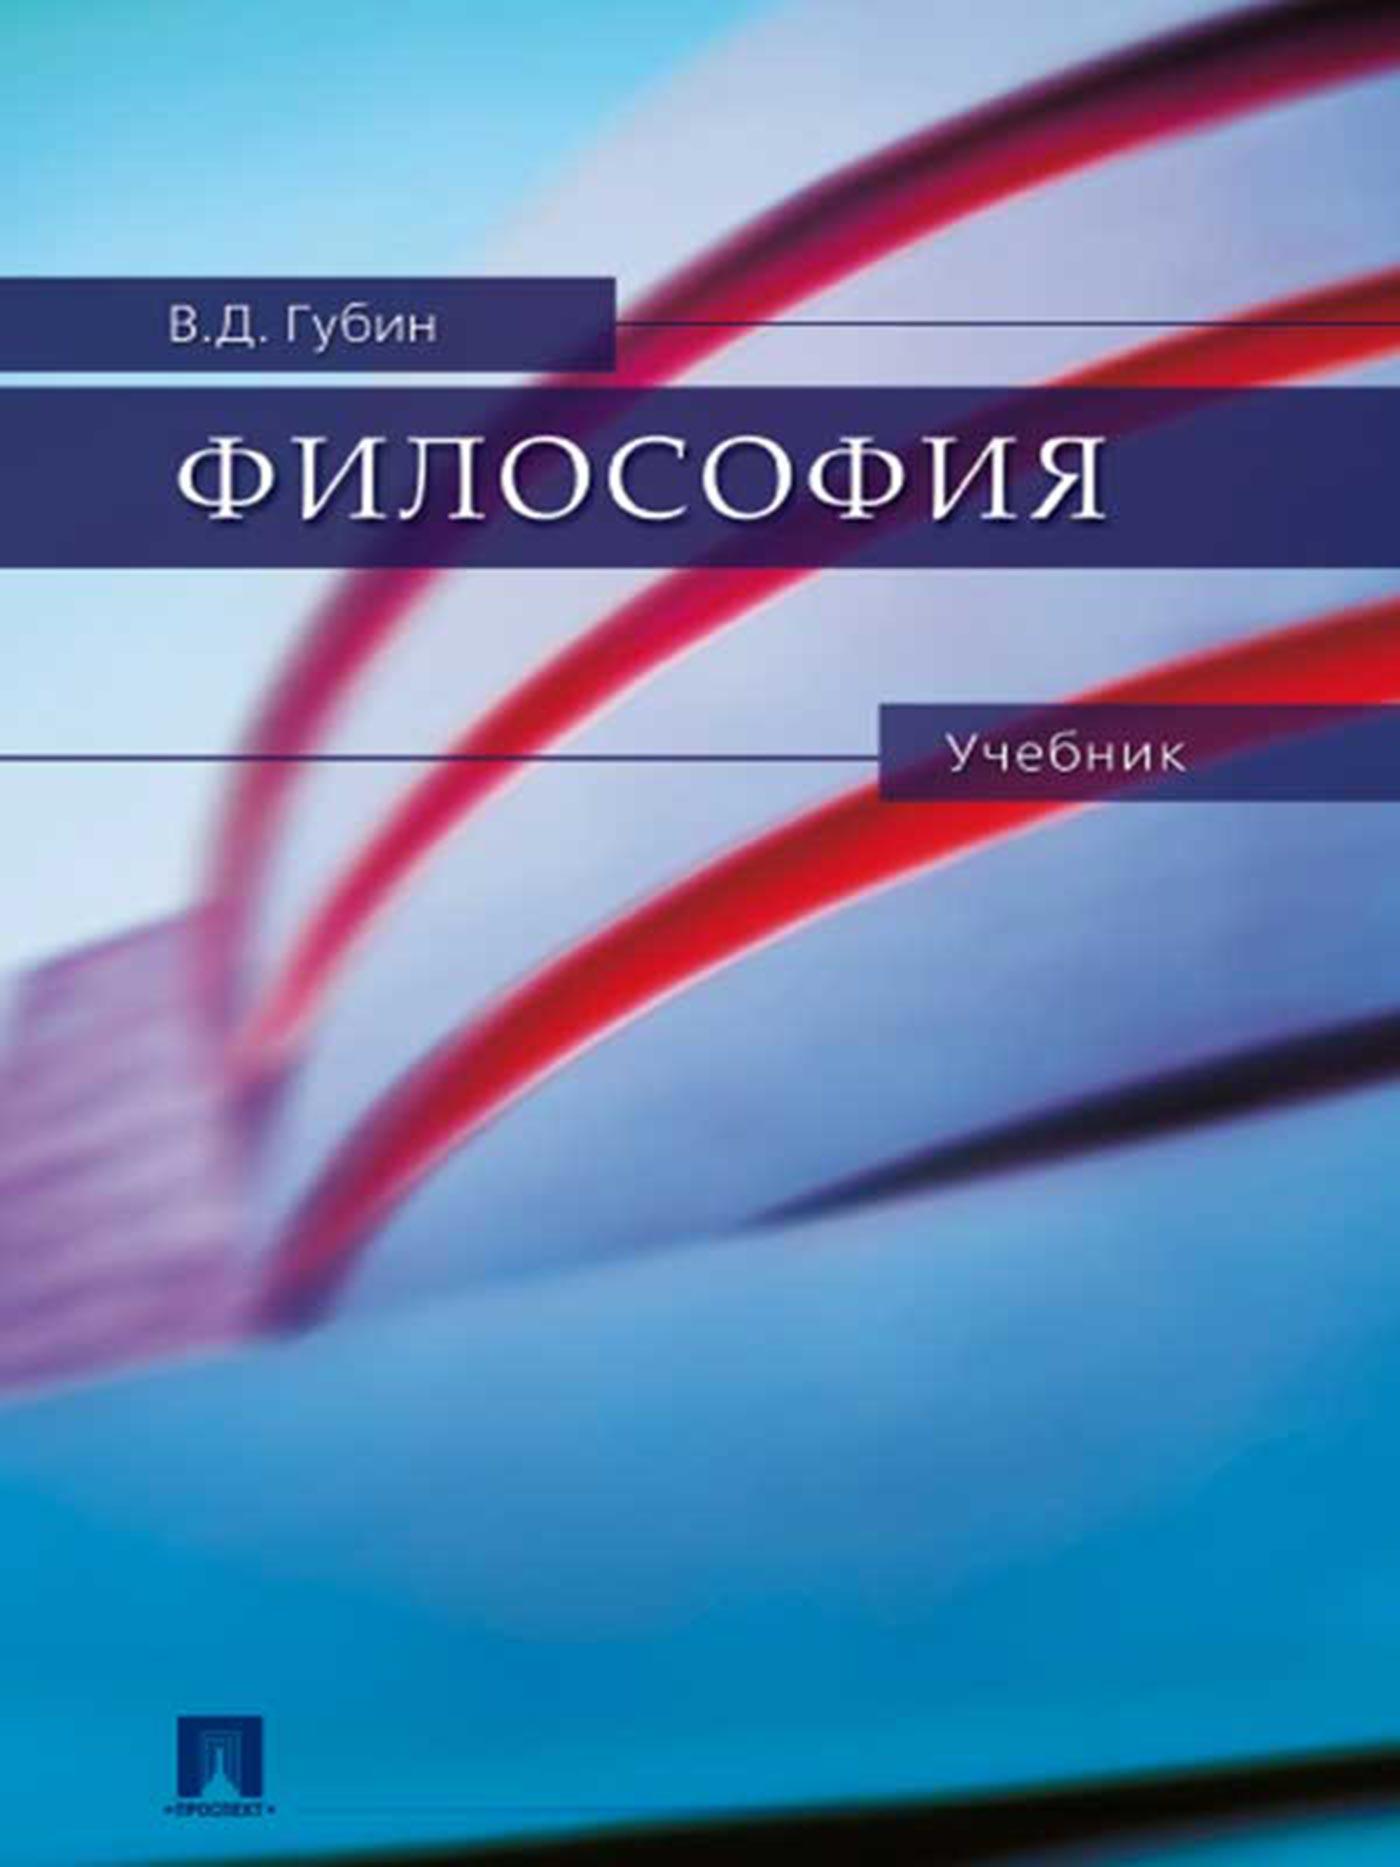 В. Д. Губин Философия губин в философия учебник